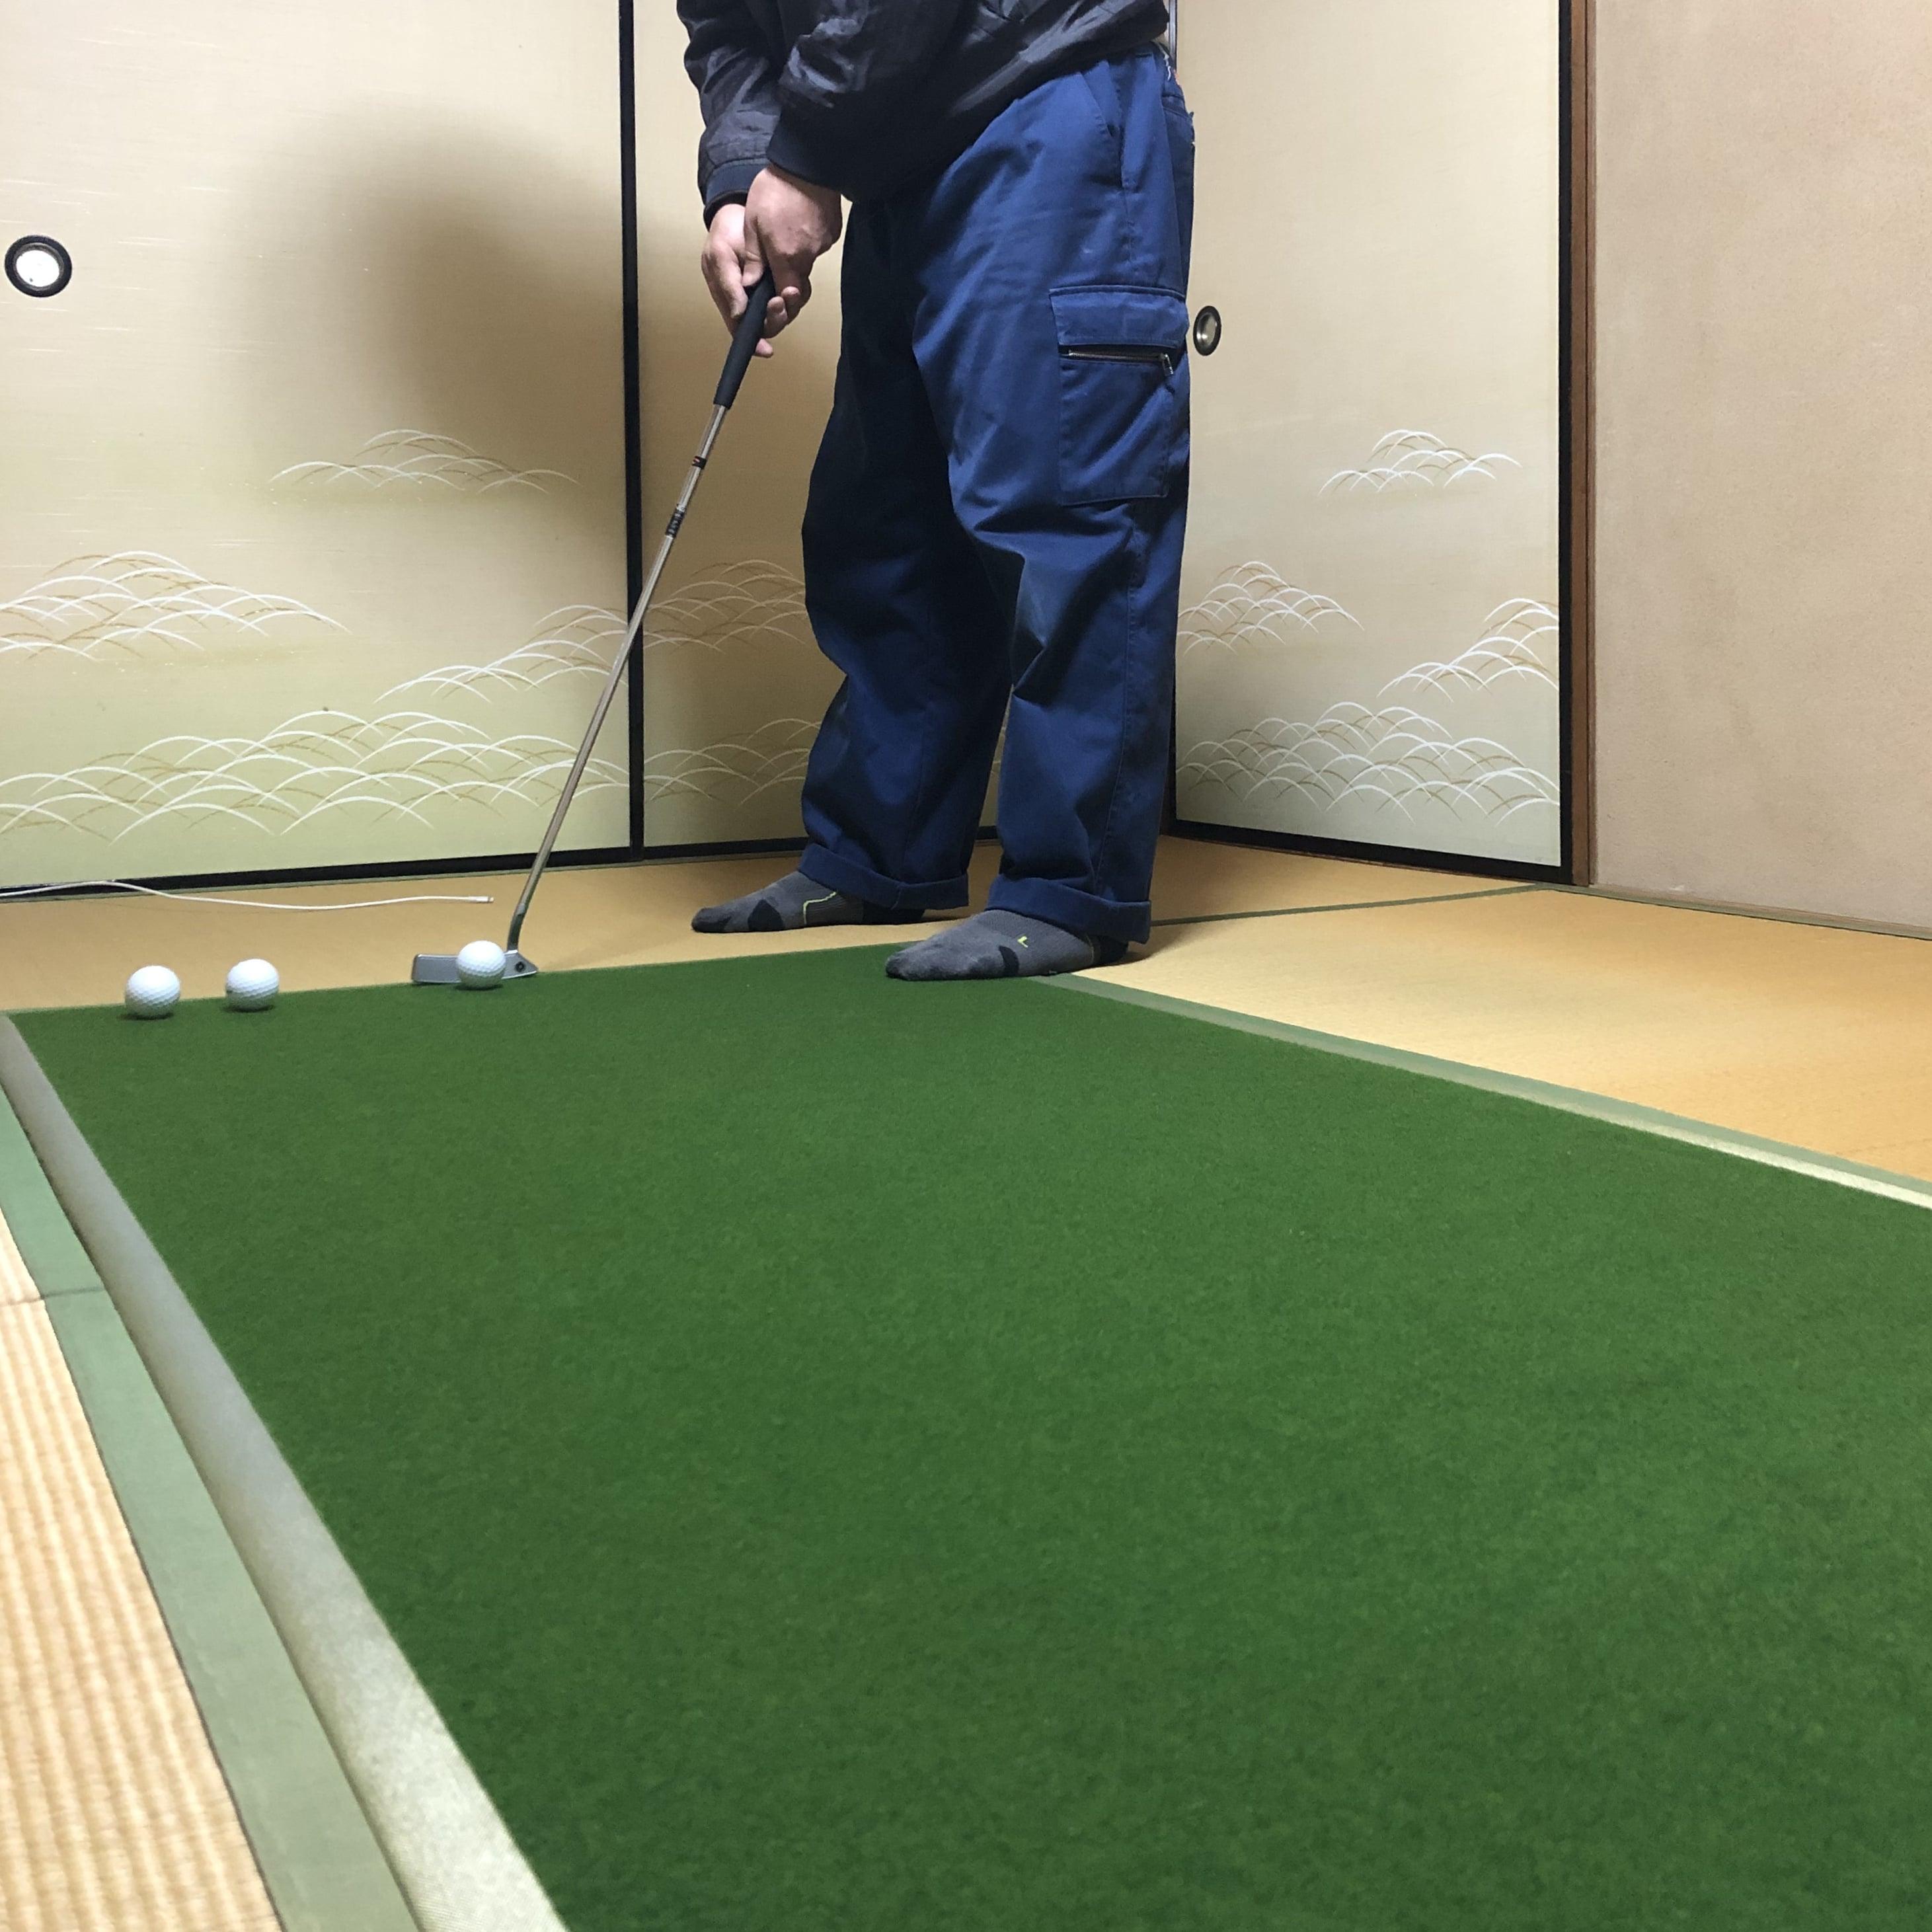 ゴルフパター練習用/畳パターマット/畳部屋がゴルフの練習所に!!のイメージその4